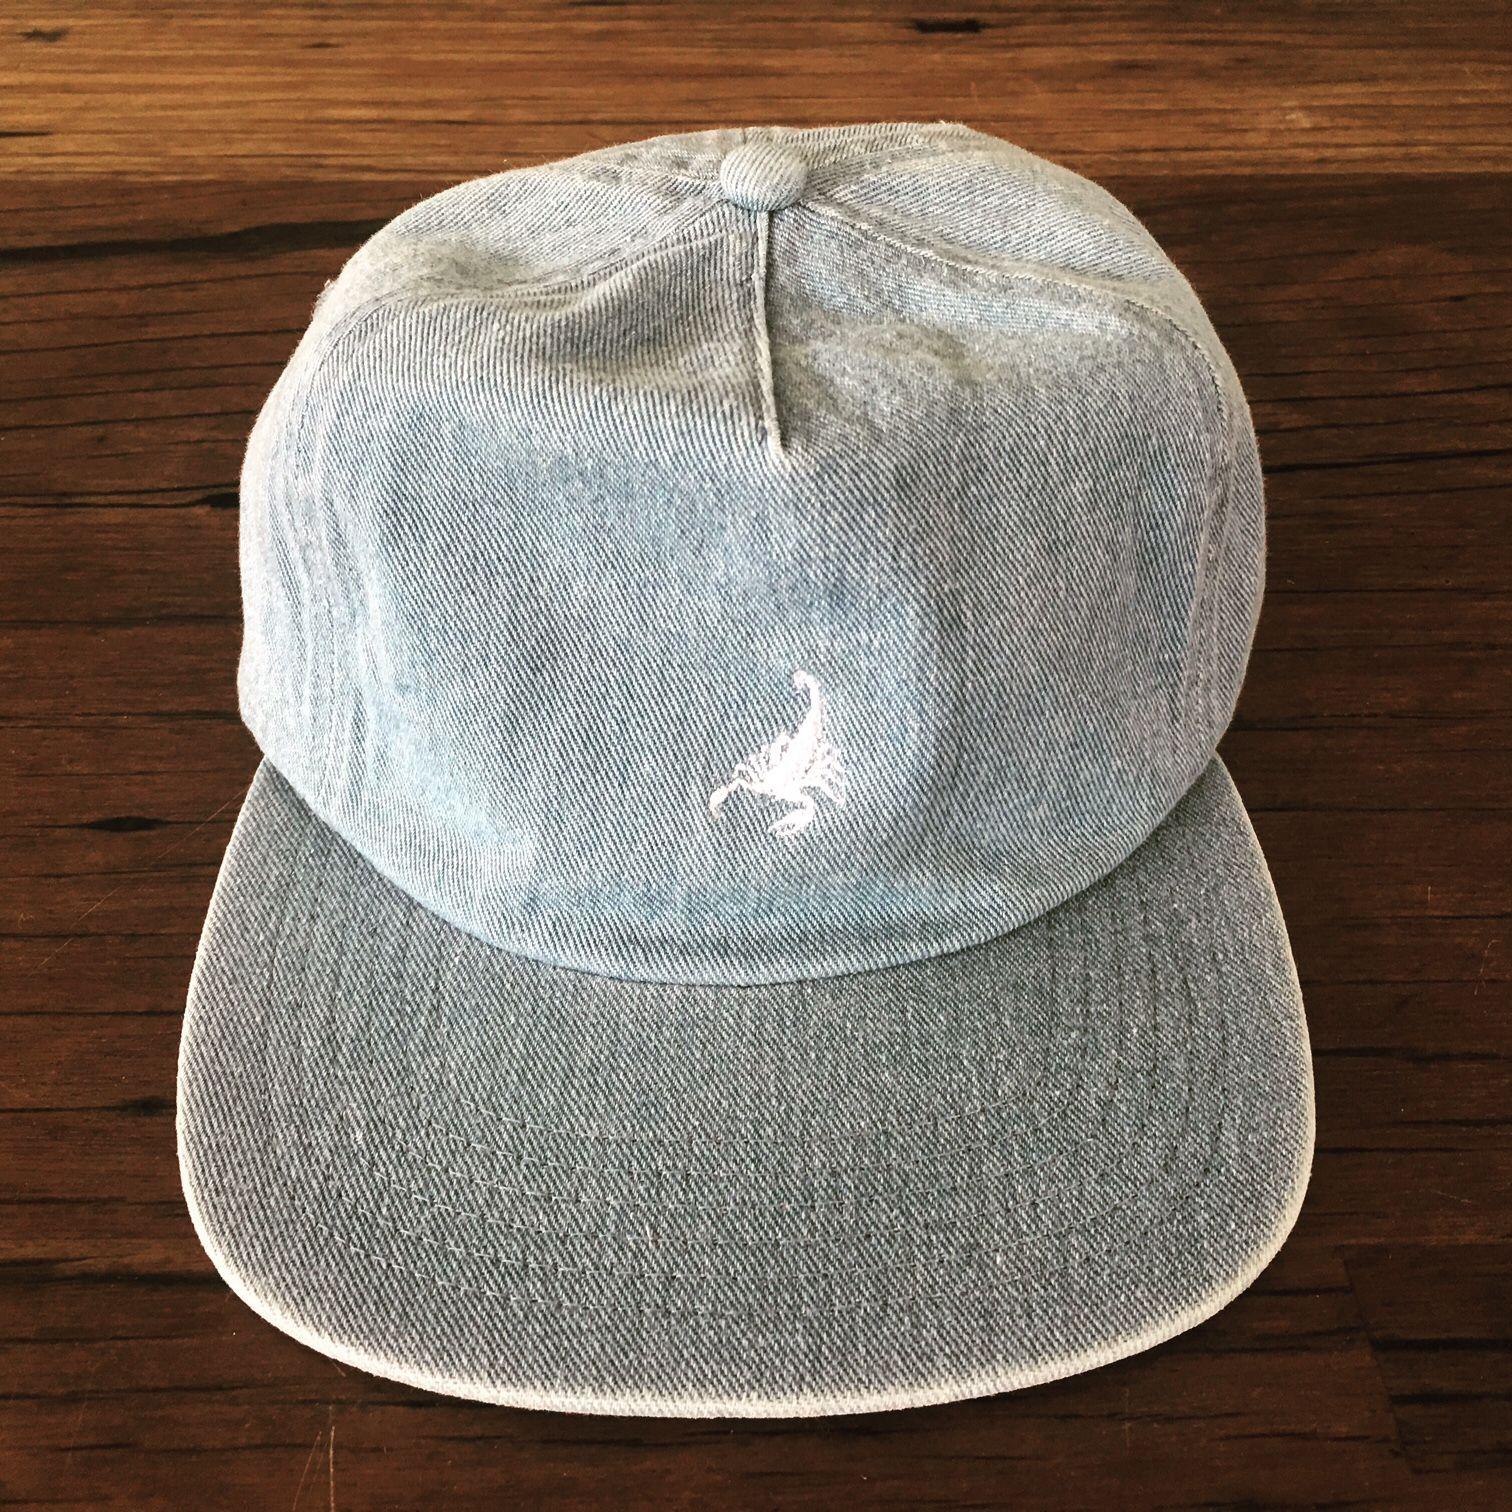 423f556b DENIM 5 PANEL CAP | custom stone wash denim 5 panel cap. Speak with  thesaucesuppliers